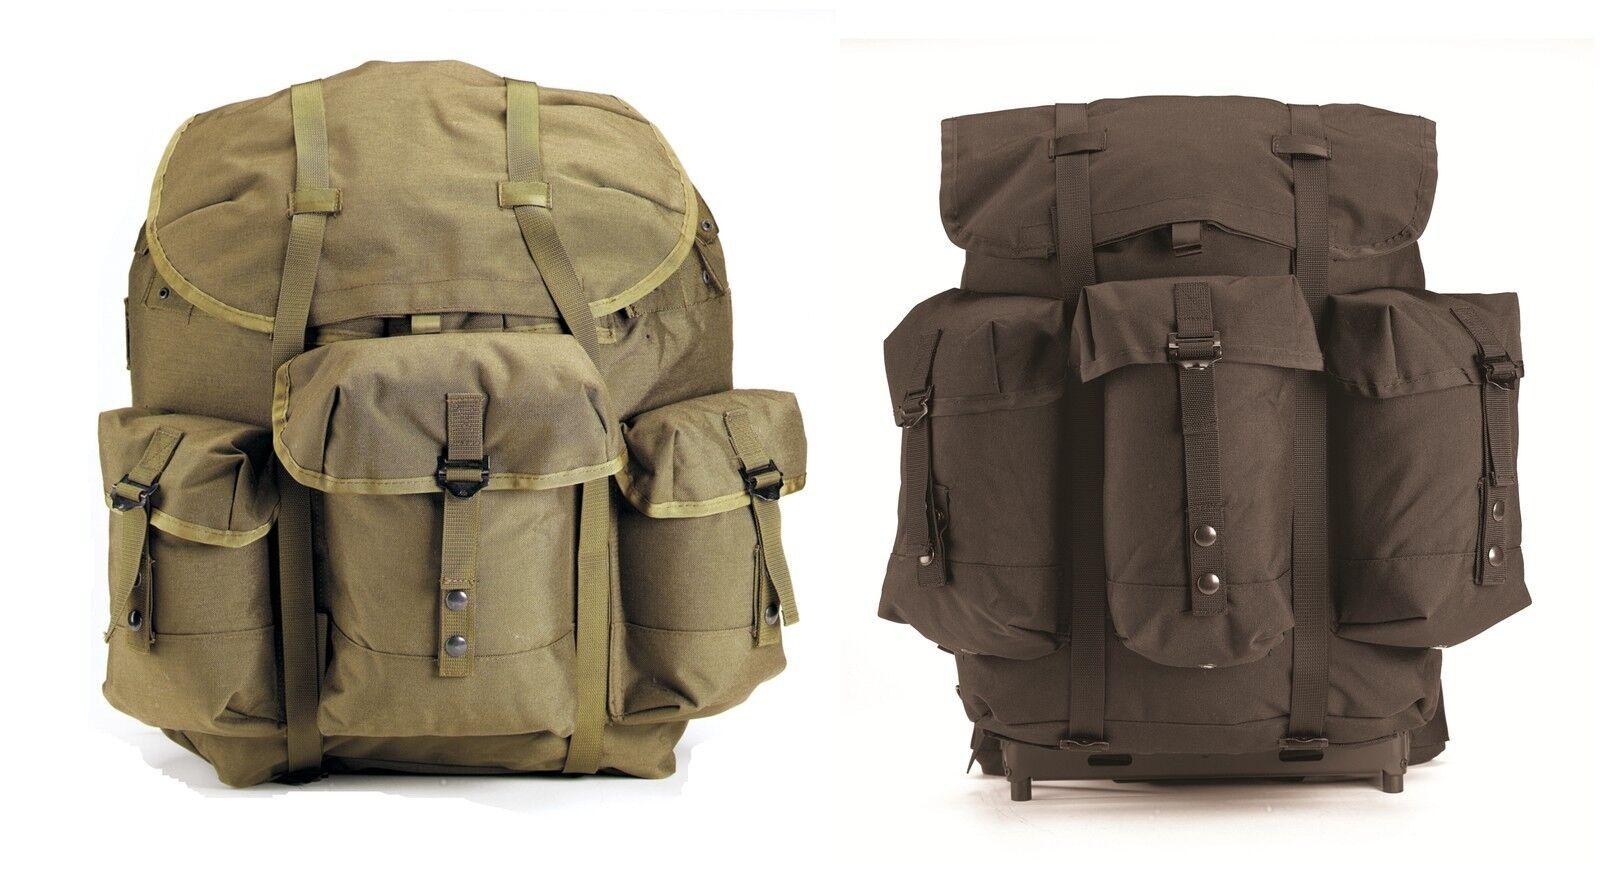 G.I. Military Type Enhanced Nylon Frame ALICE Packs Backpacks w Frame Rucksack